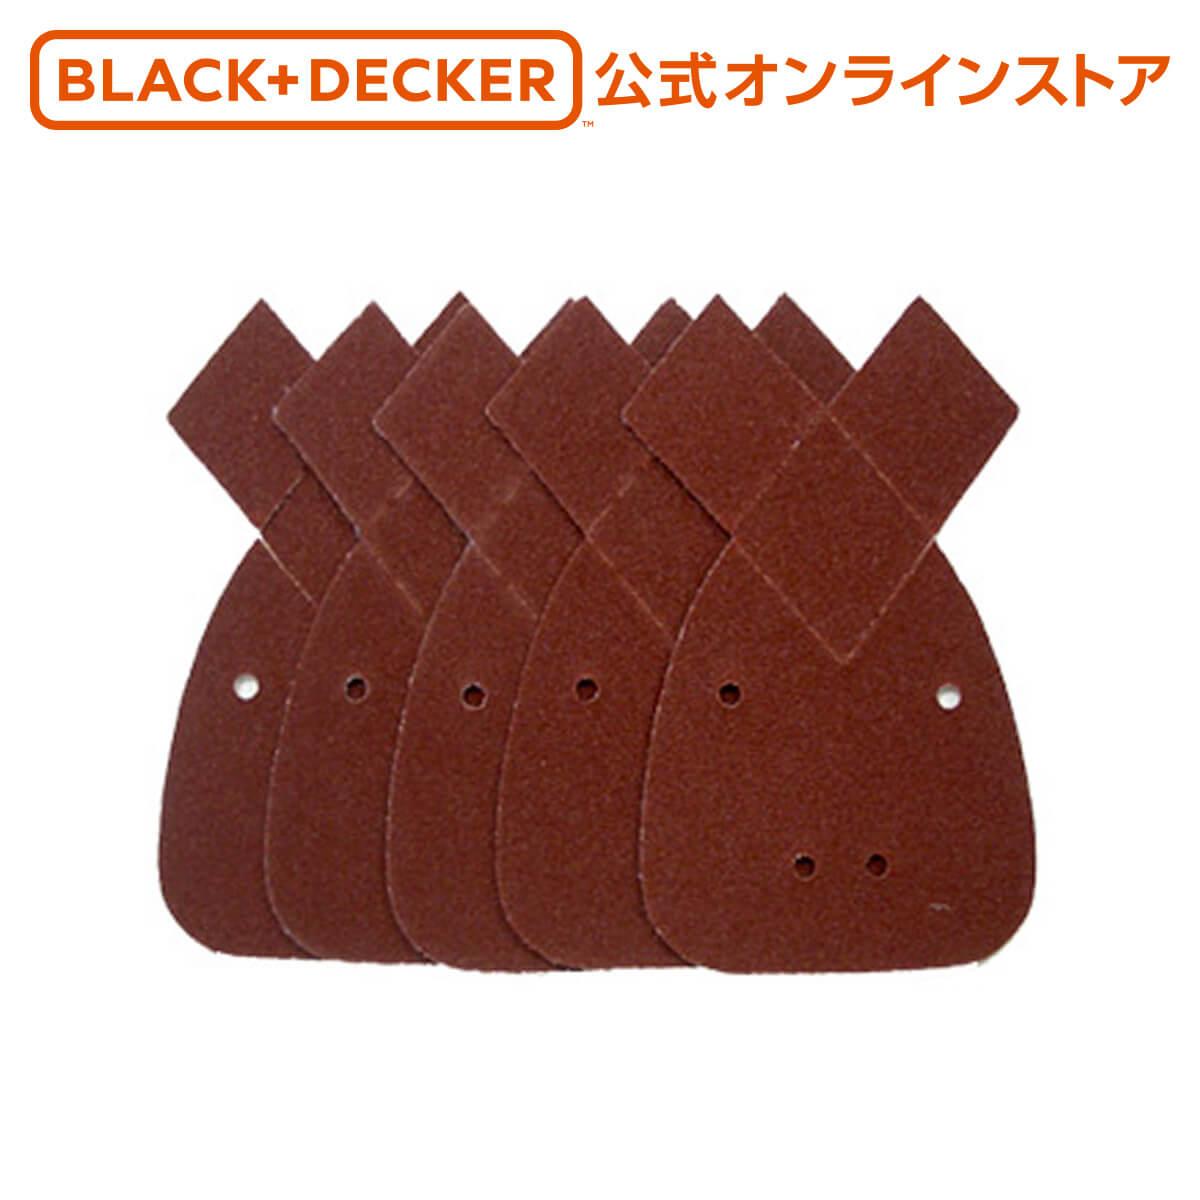 74-586GA ランキングTOP5 KA1000用サンドペーパー#2405枚セット 正規品 公式 ブラックアンドデッカー 高級な 保証付き